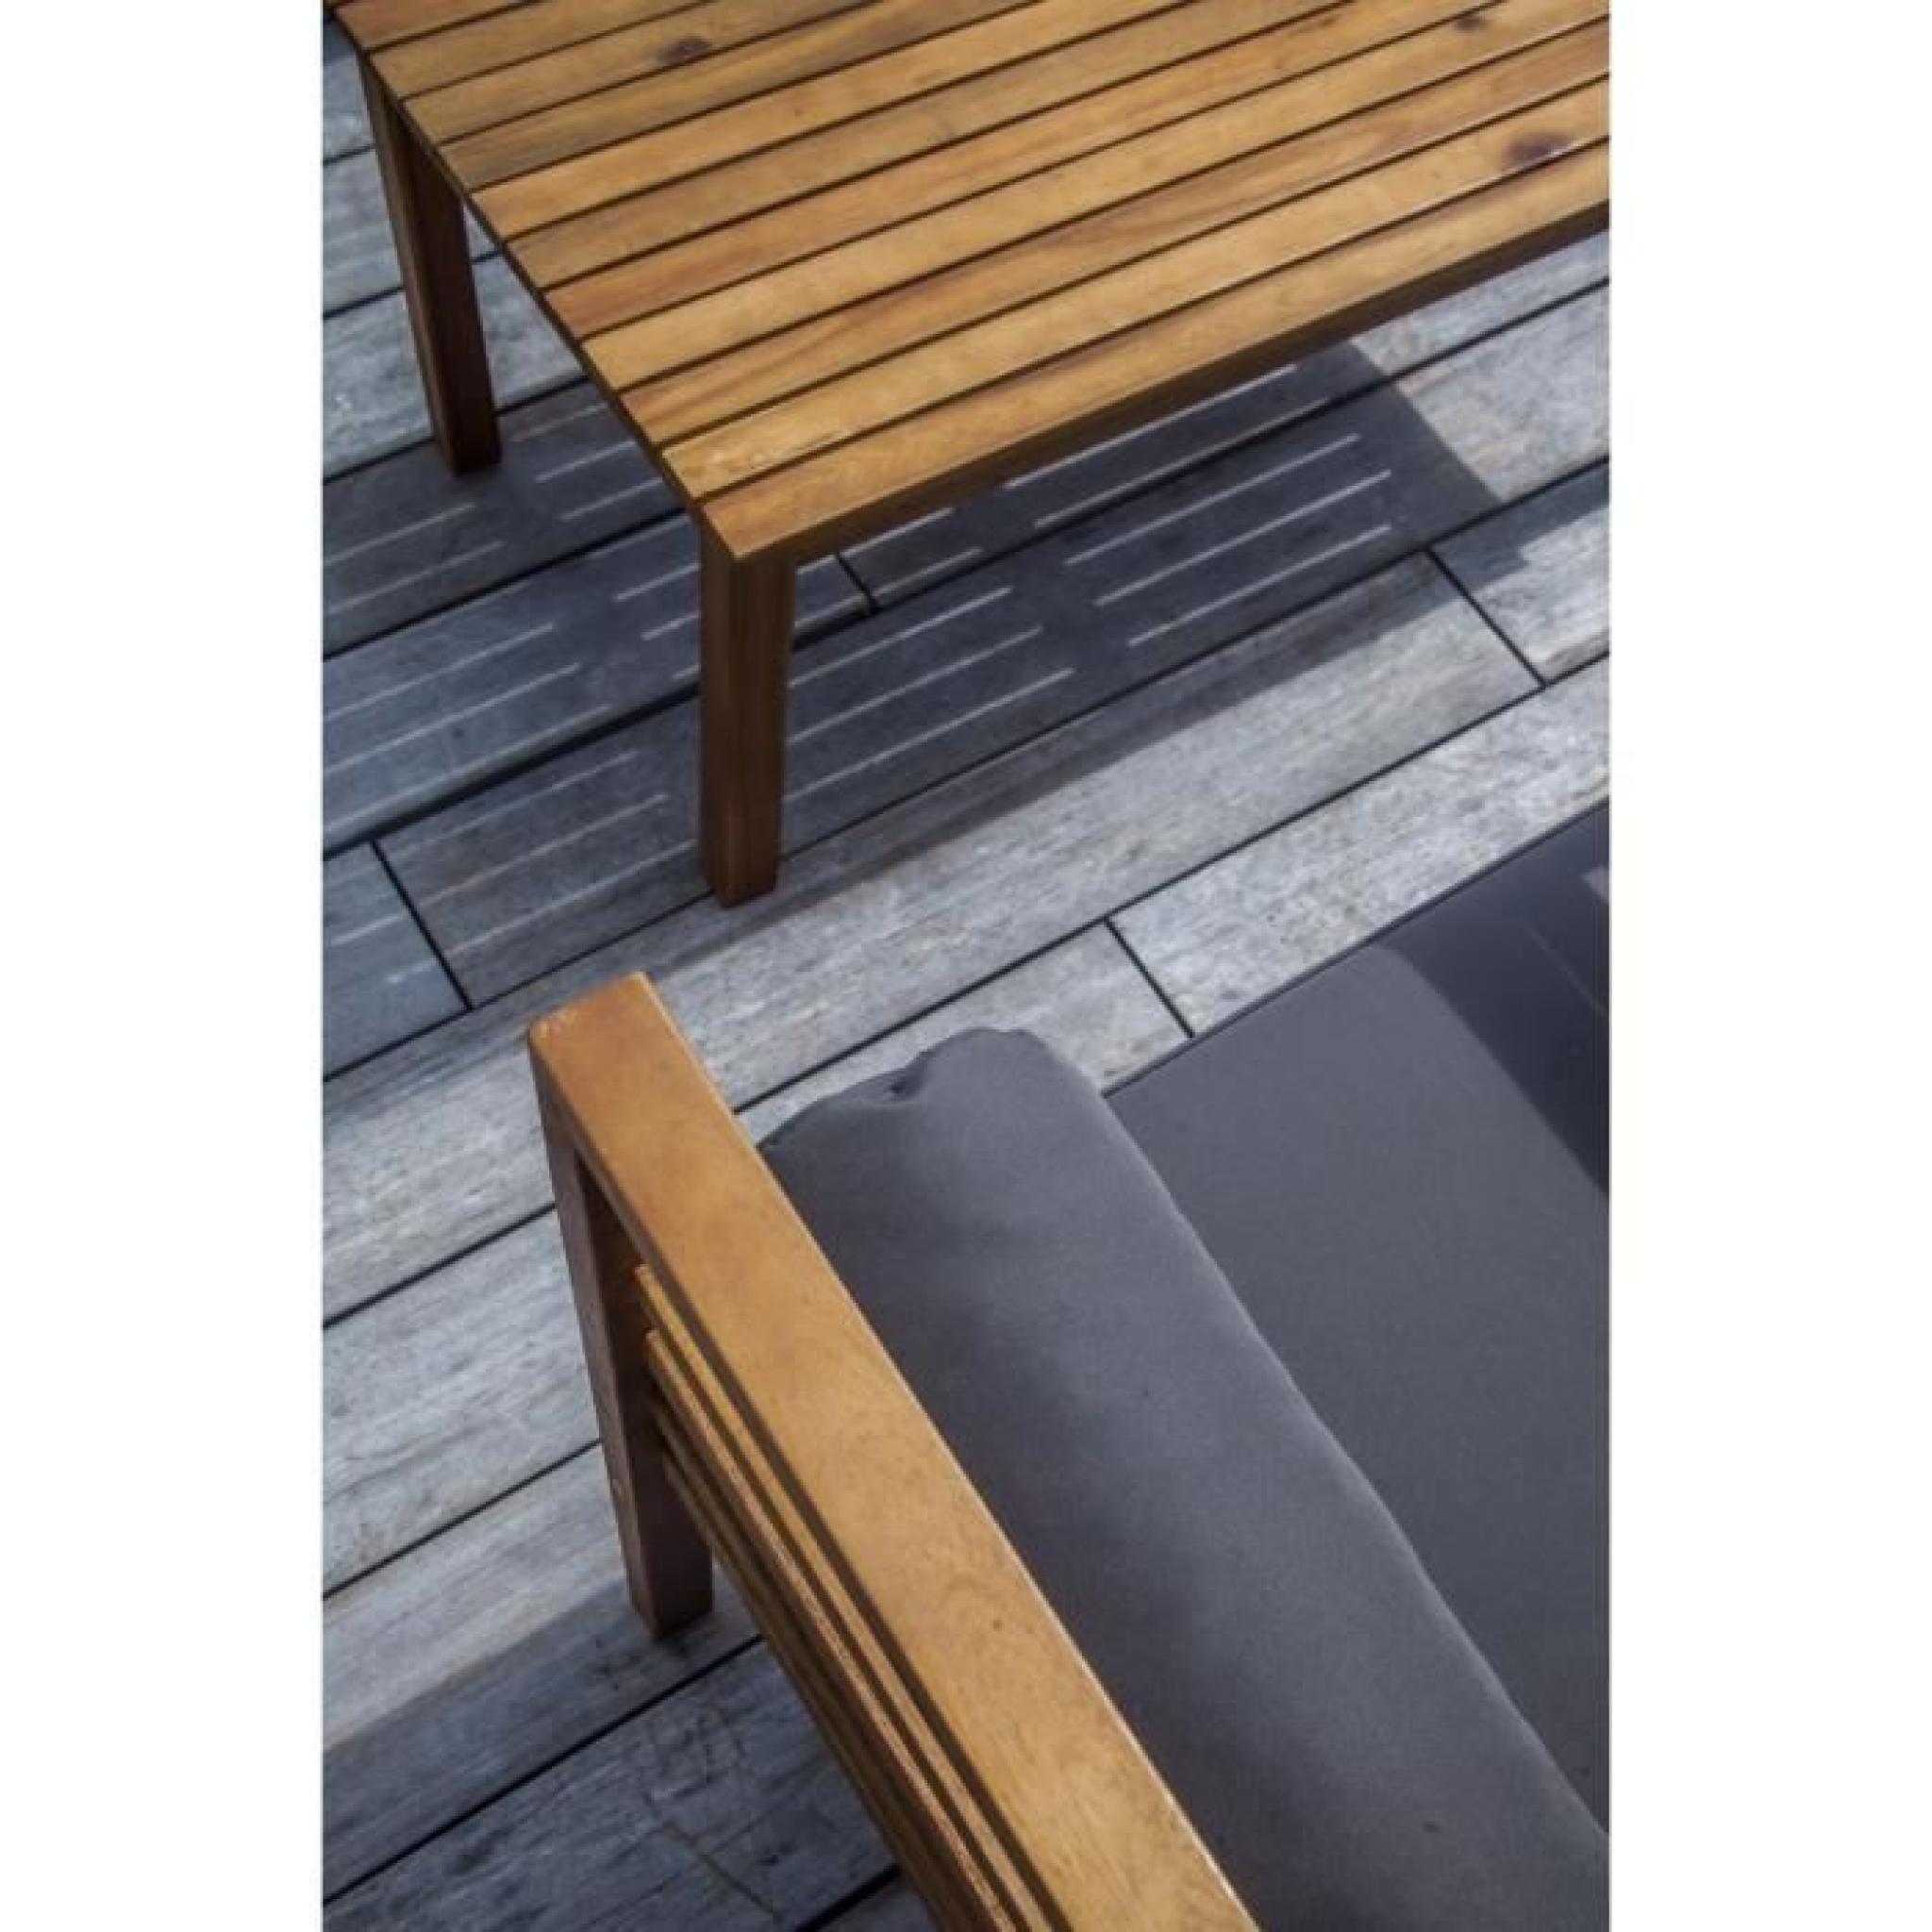 MAJORQUE Salon de jardin 4 places en bois acacia - Marron